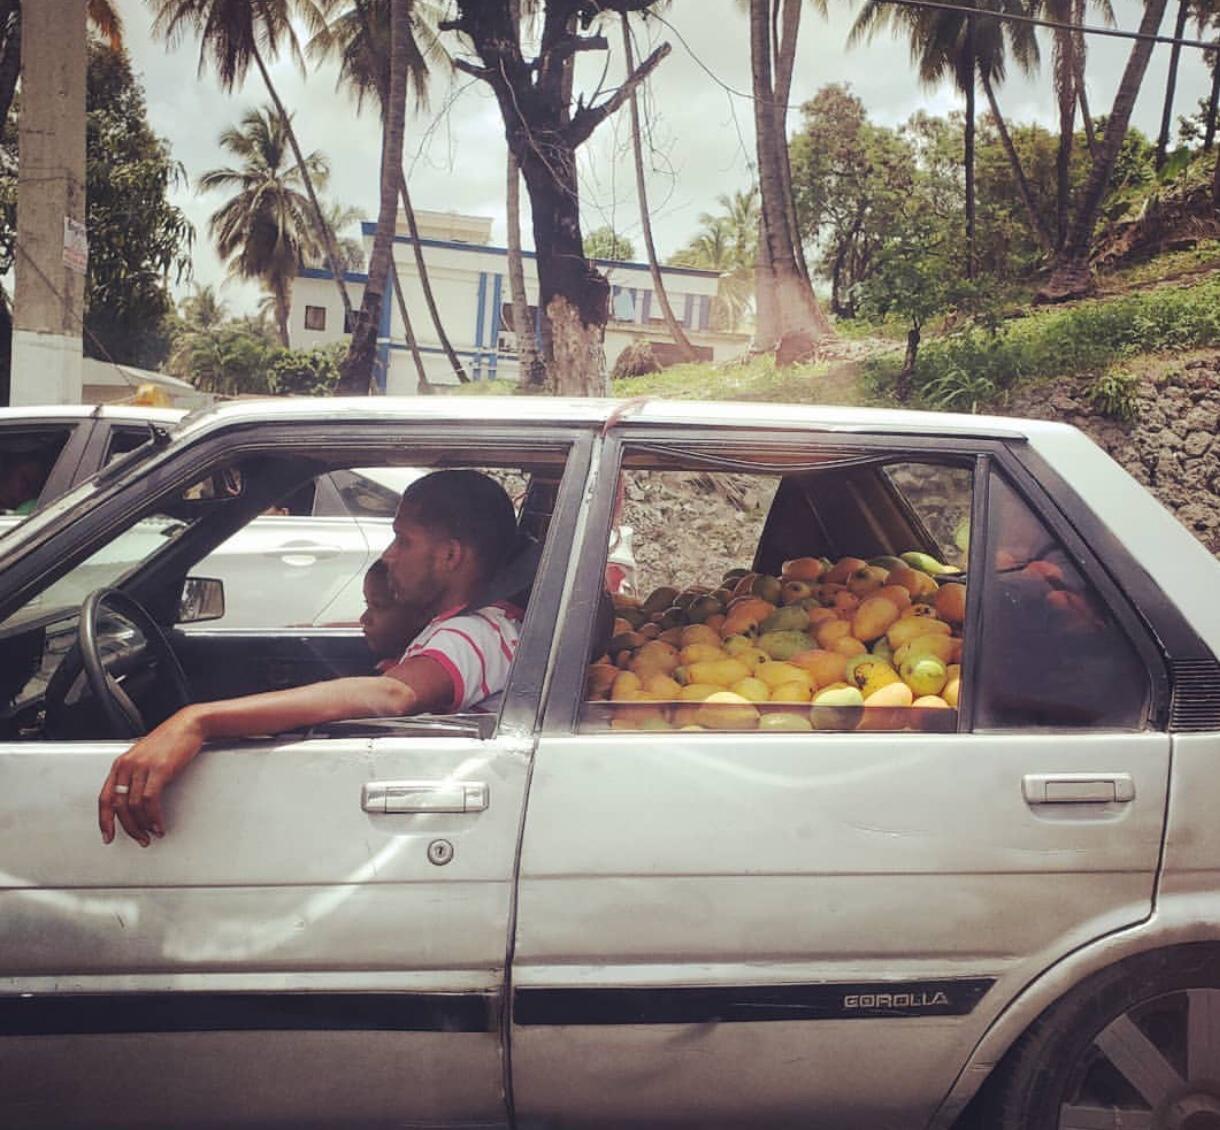 Mango vendor in the Dominican Republic